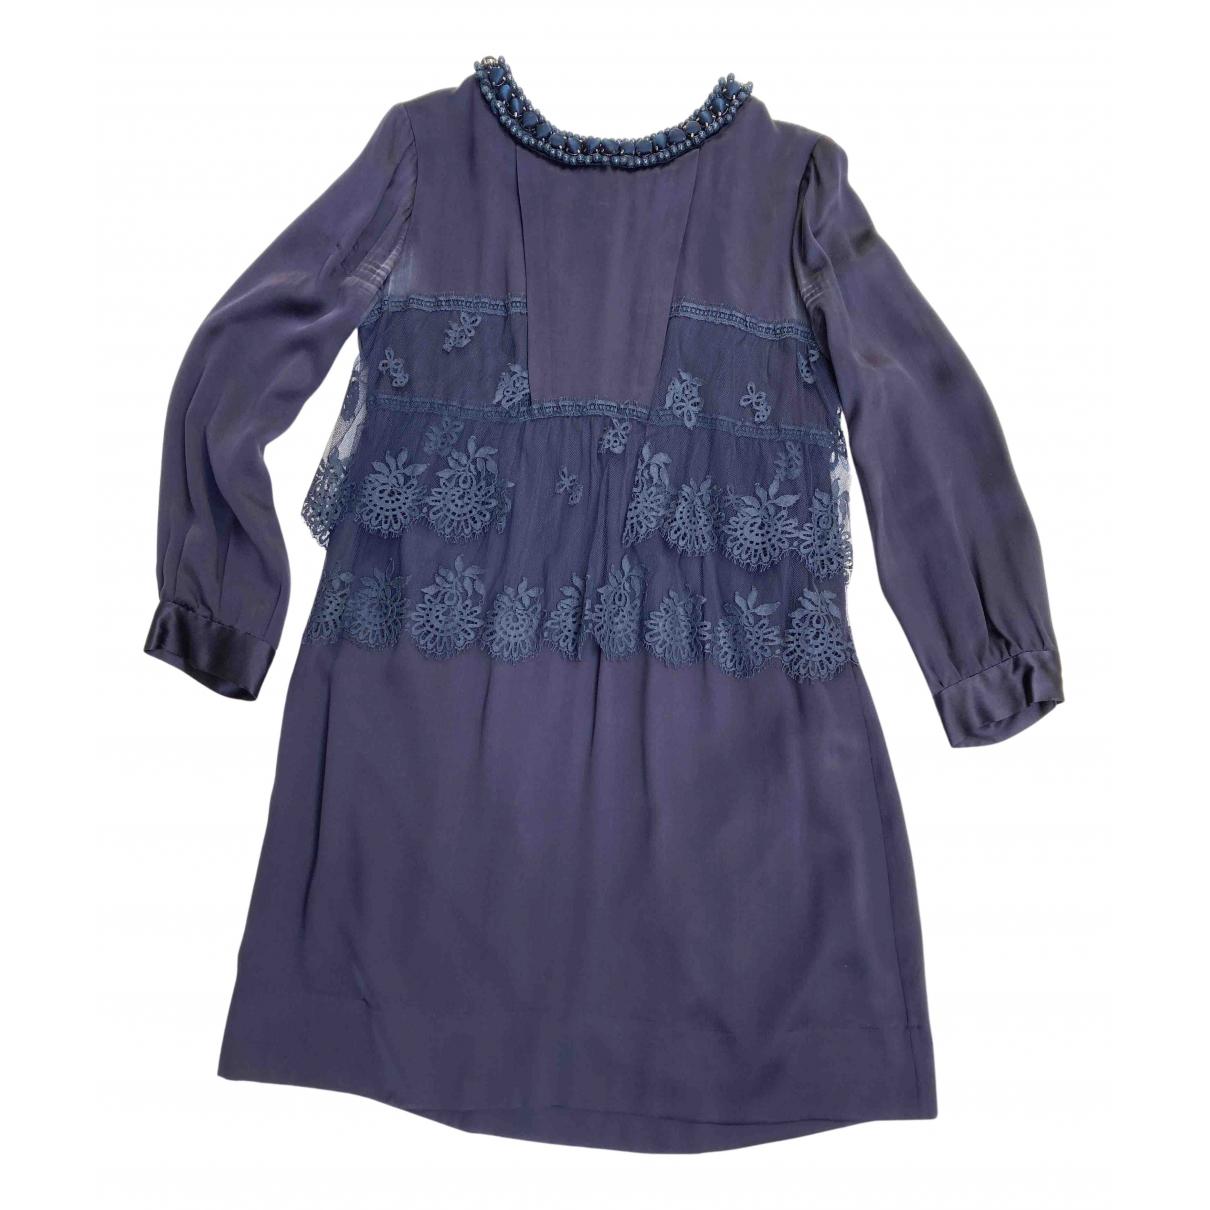 Stella Mccartney \N Kleid in  Lila Seide